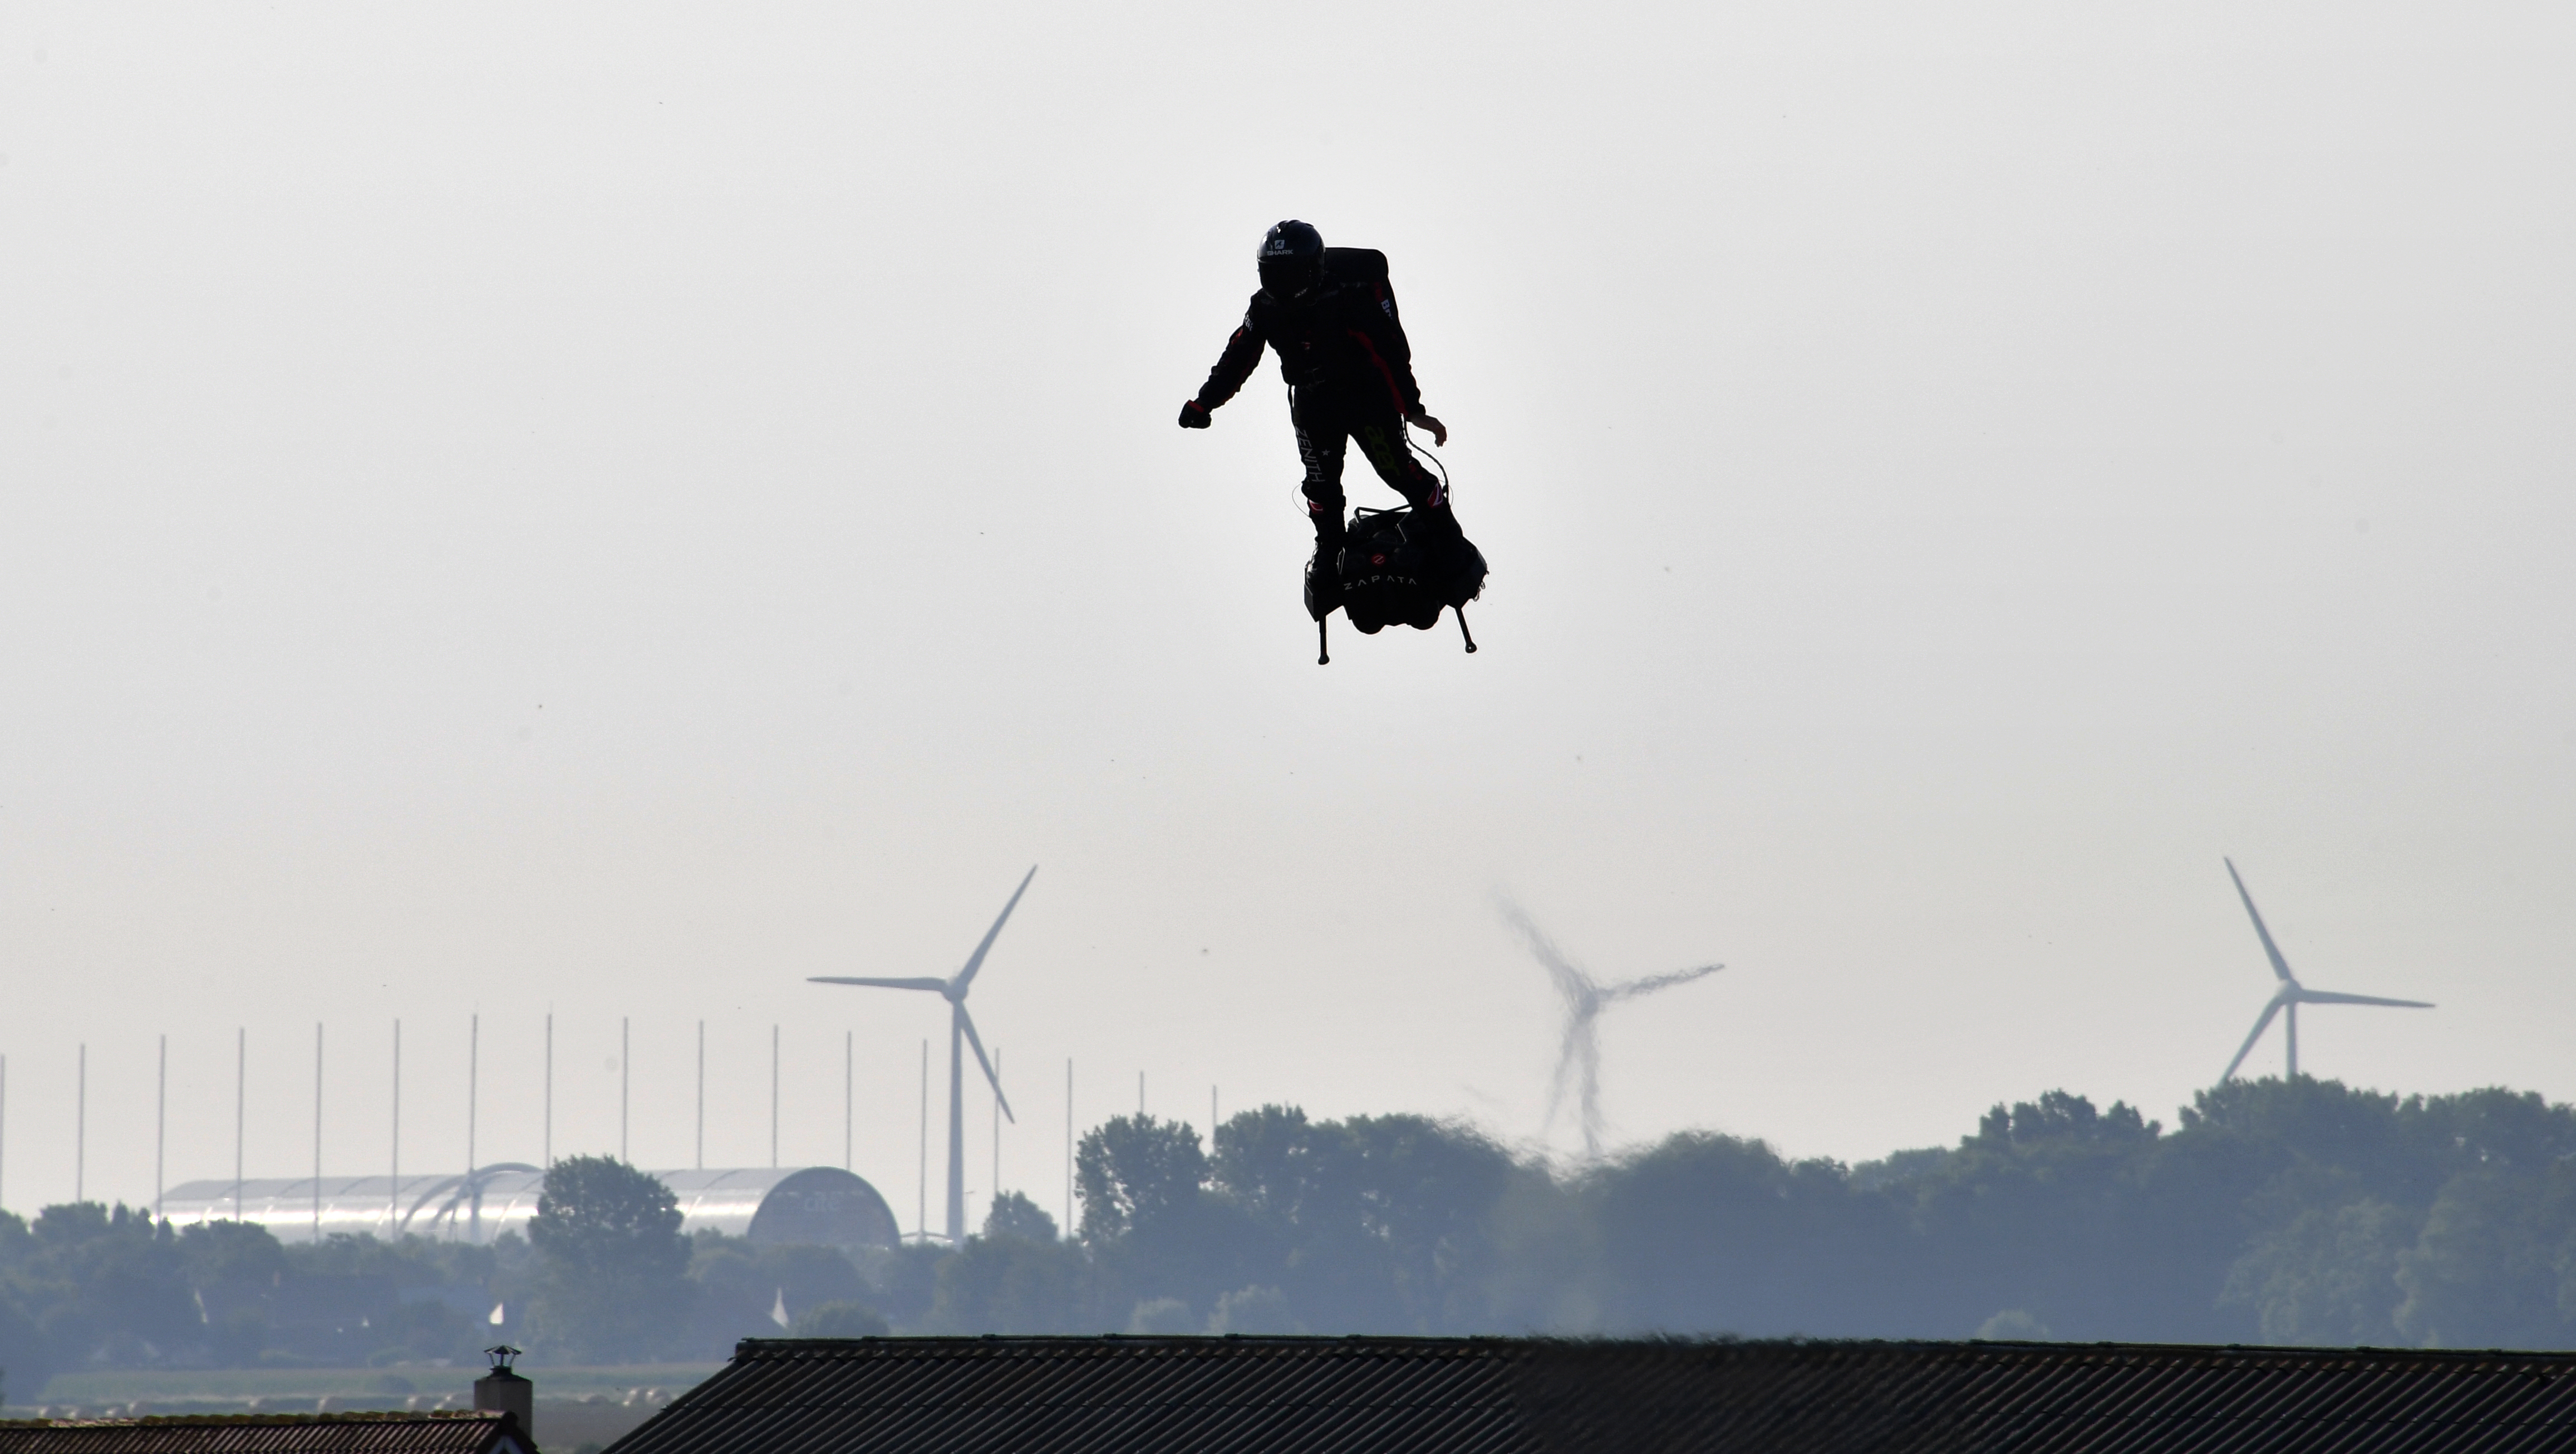 Megpróbálta átrepülni a La Manche-csatornát, de a vízbe pottyant a légdeszkás francia